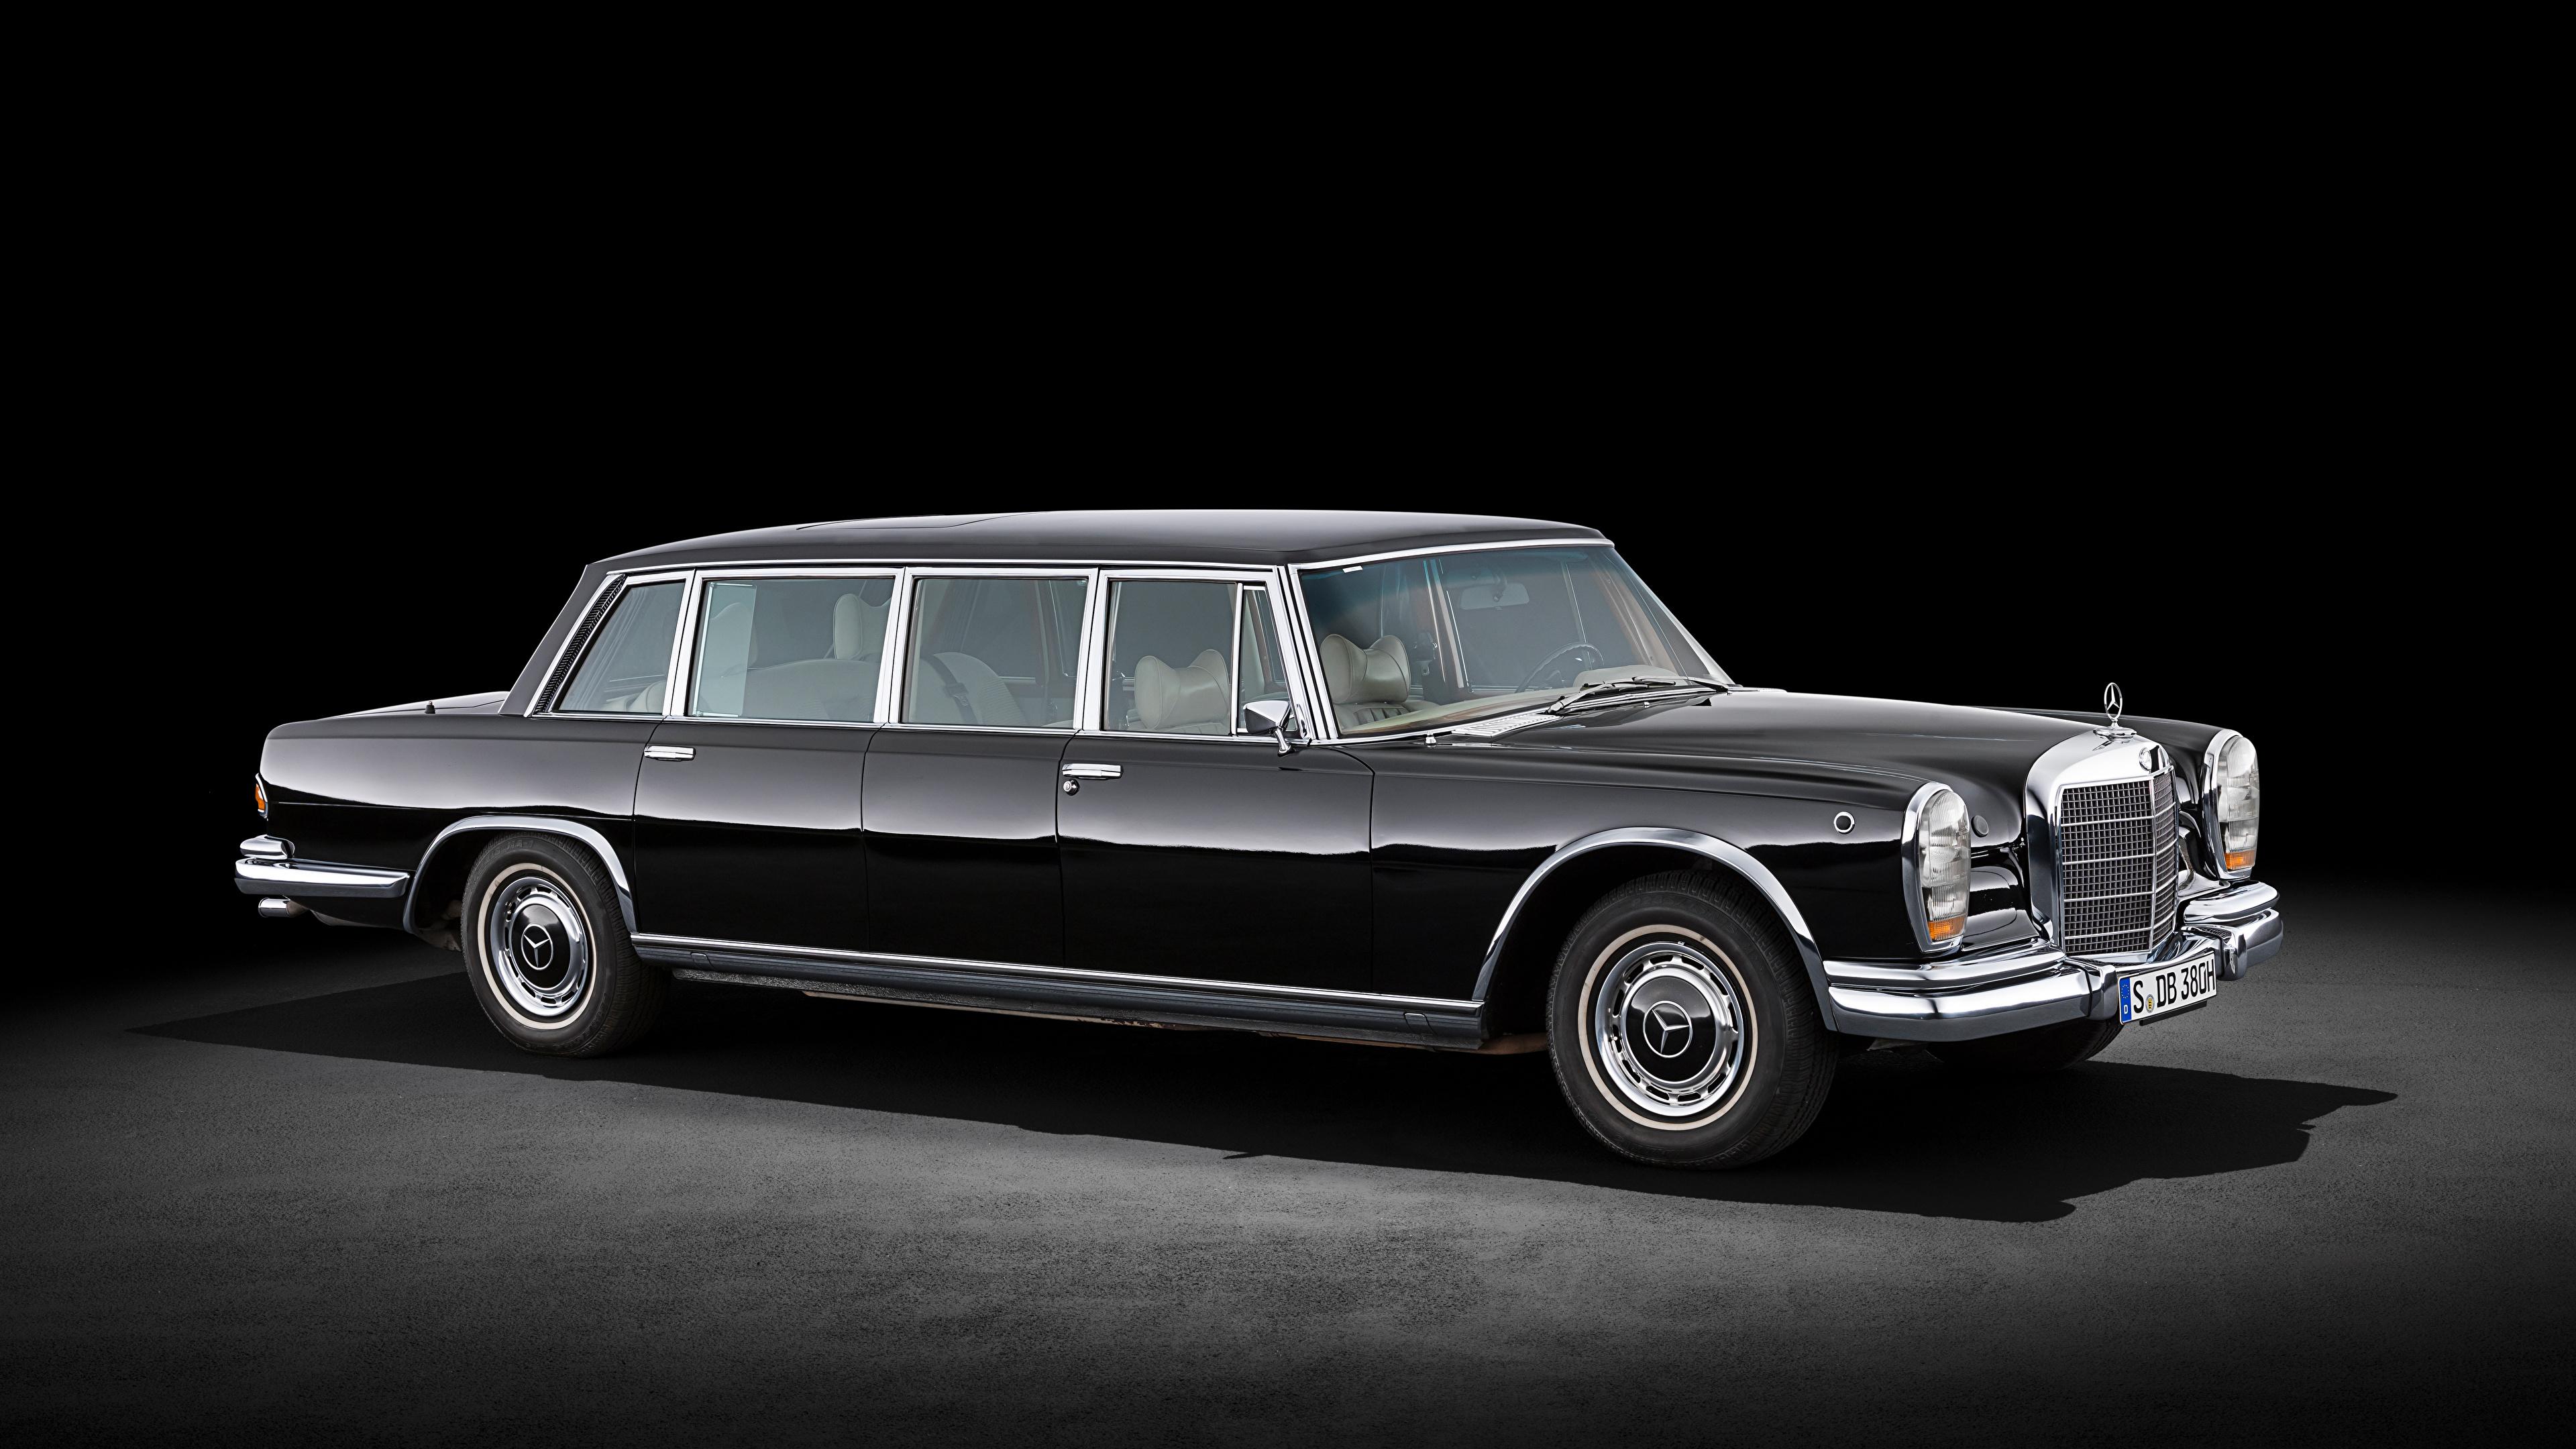 Bilder von Mercedes-Benz Seitlich automobil 3840x2160 auto Autos